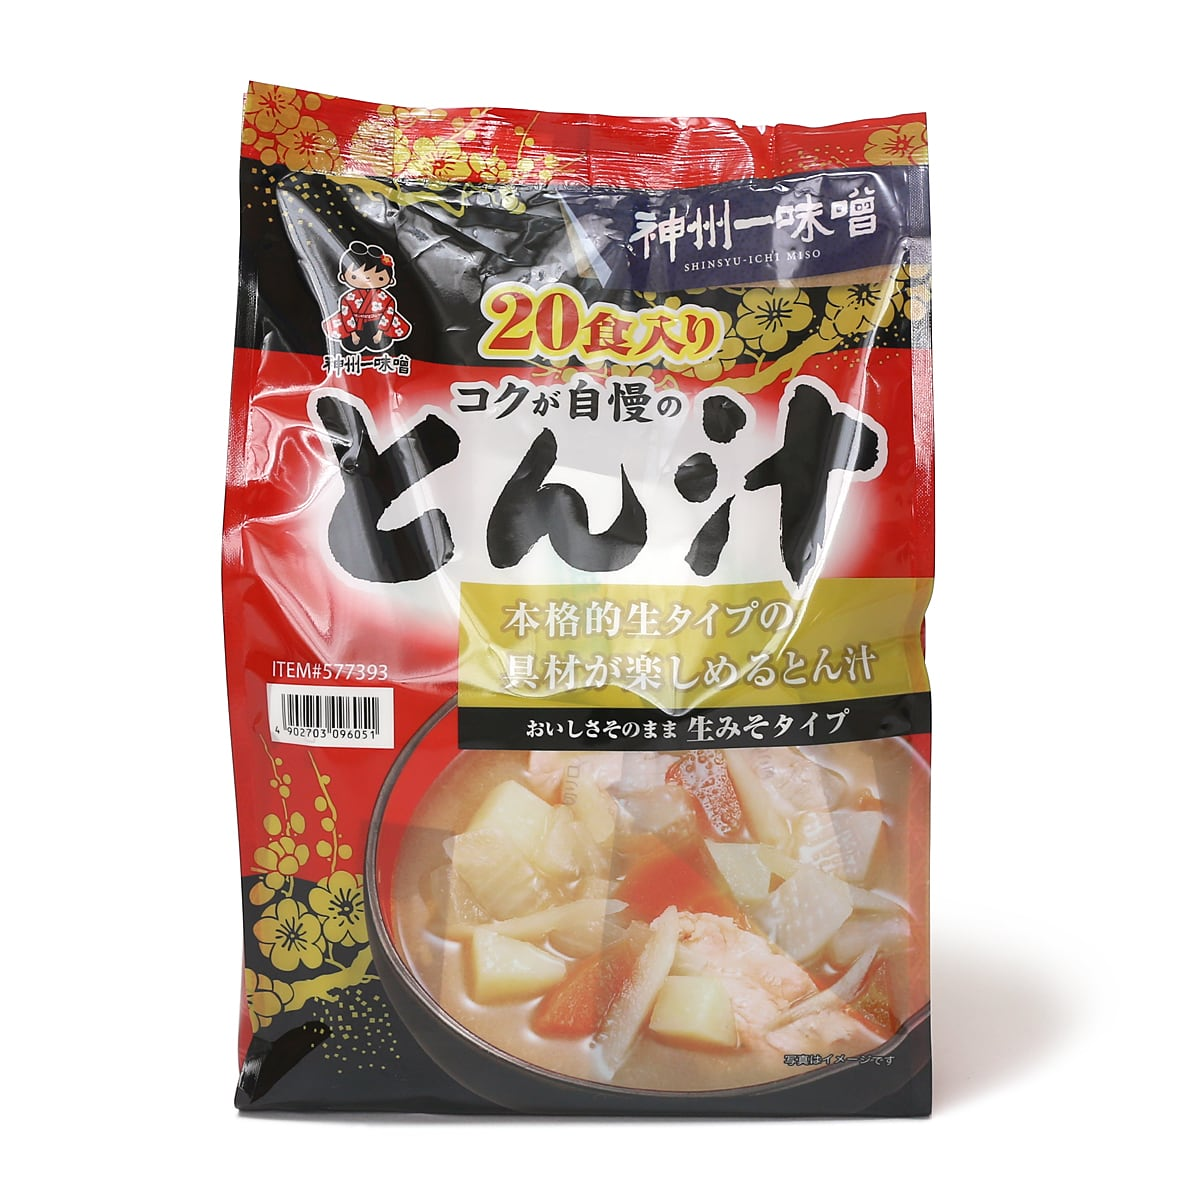 神州一味噌 とん汁 20食